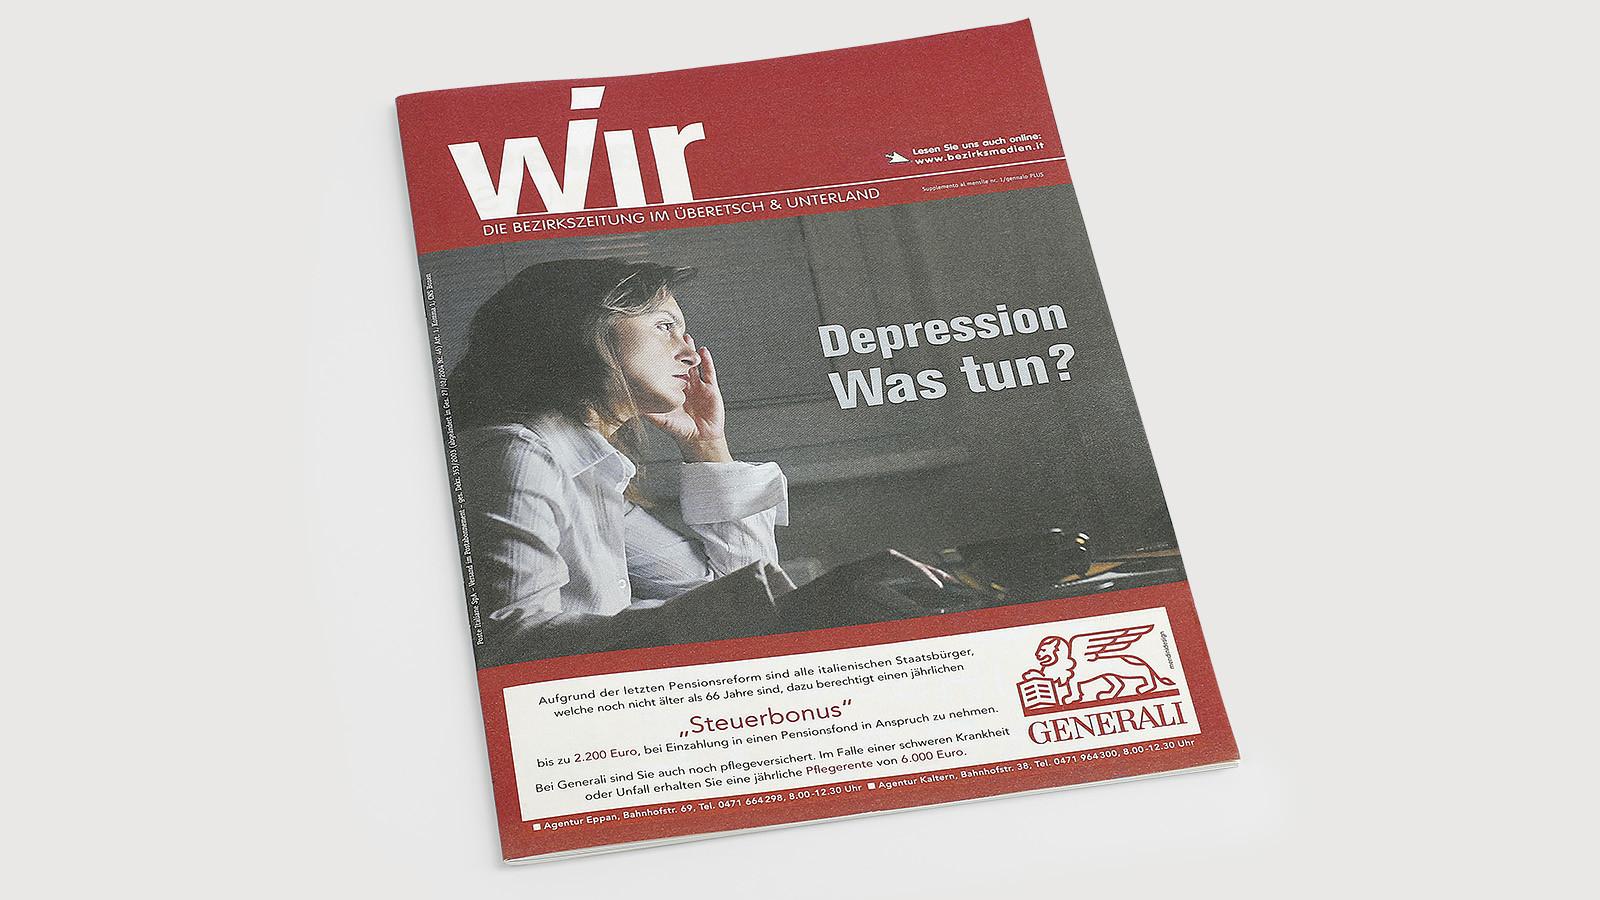 WIR_1